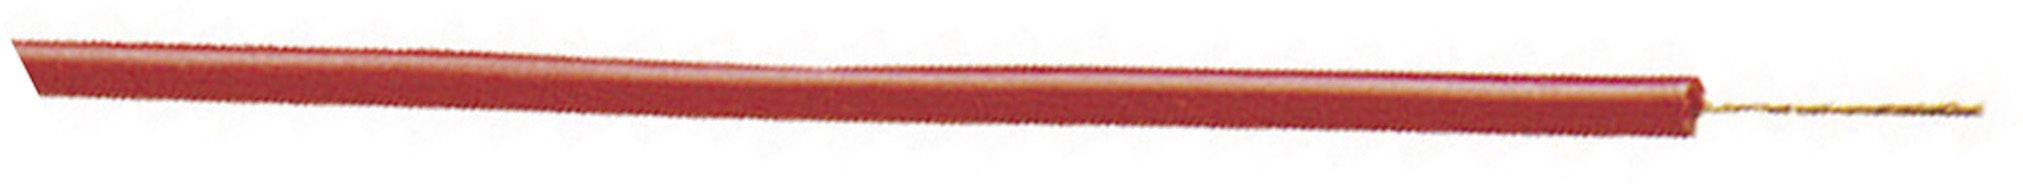 Opletenie / lanko Stäubli 61.7556-00121 SILI-E, 1 x 2.50 mm², vonkajší Ø 3.90 mm, metrový tovar, čierna